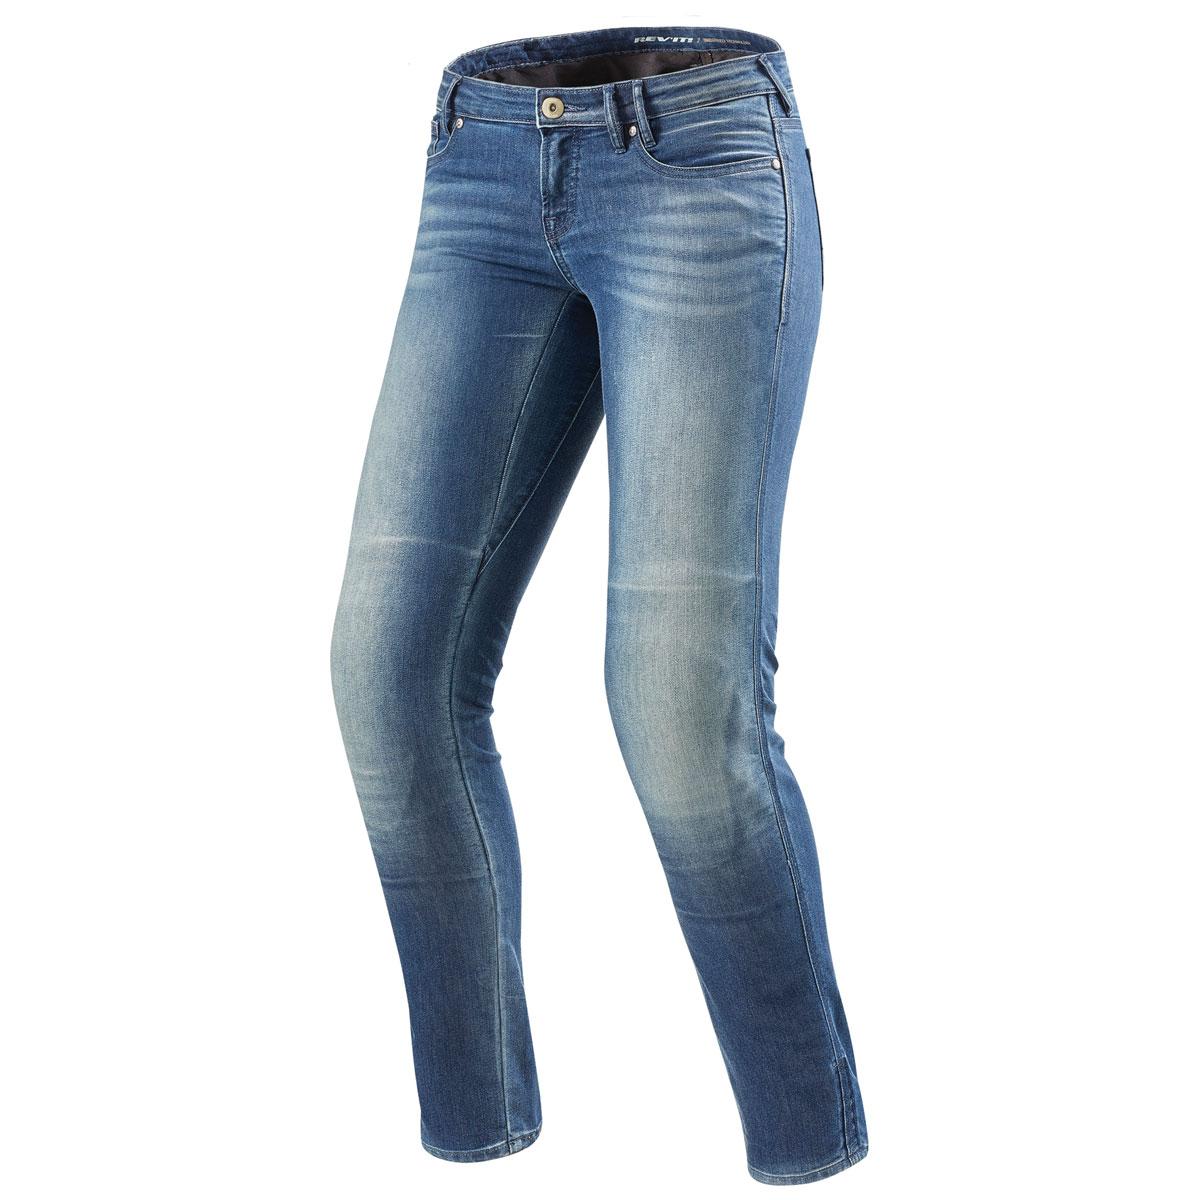 REV′IT! Women's Westwood Light Blue Jeans